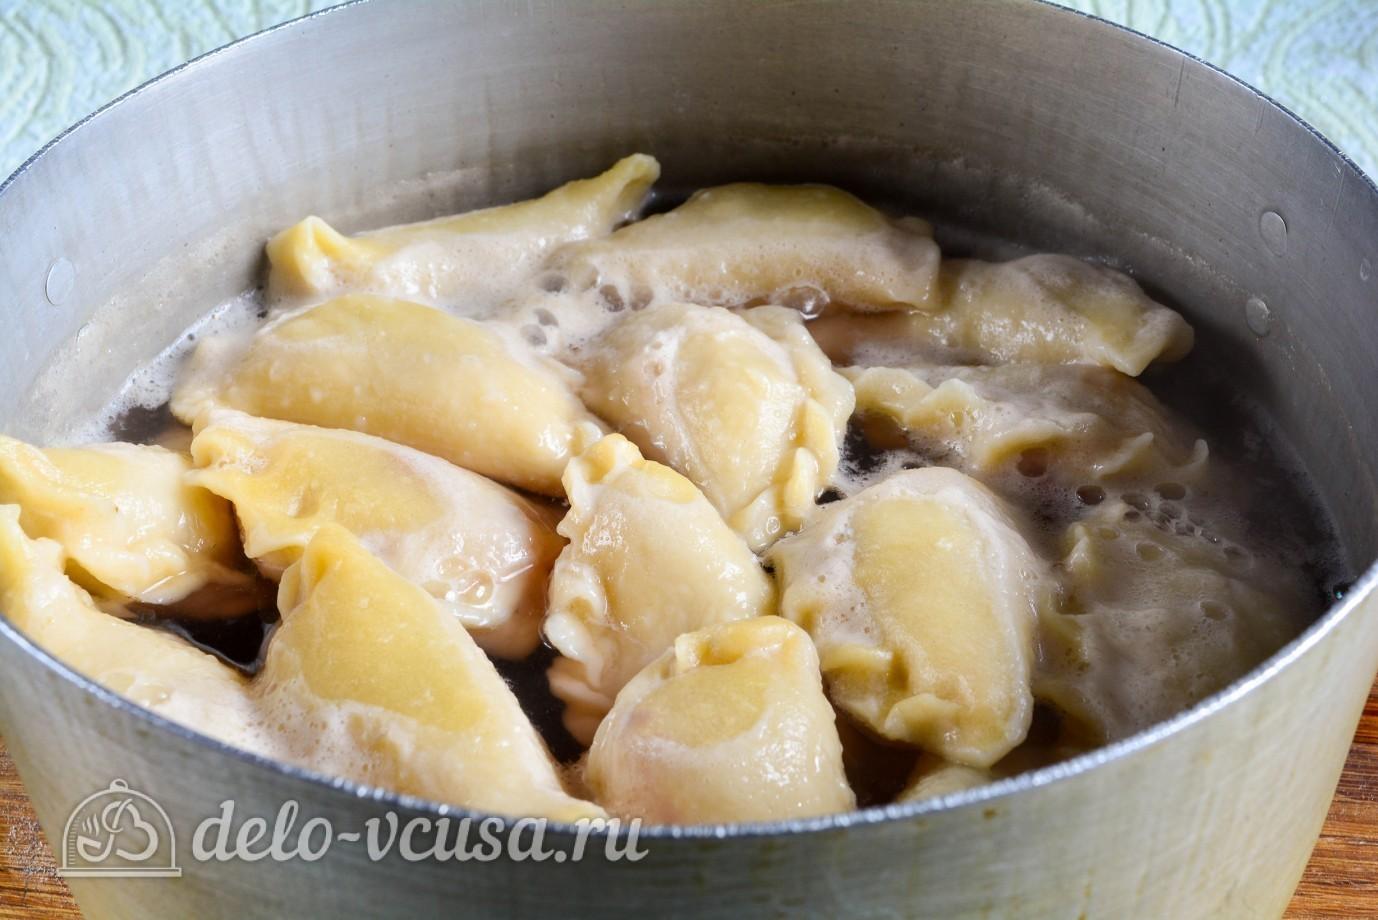 Тесто на воде на вареники с картошкой рецепт на воде